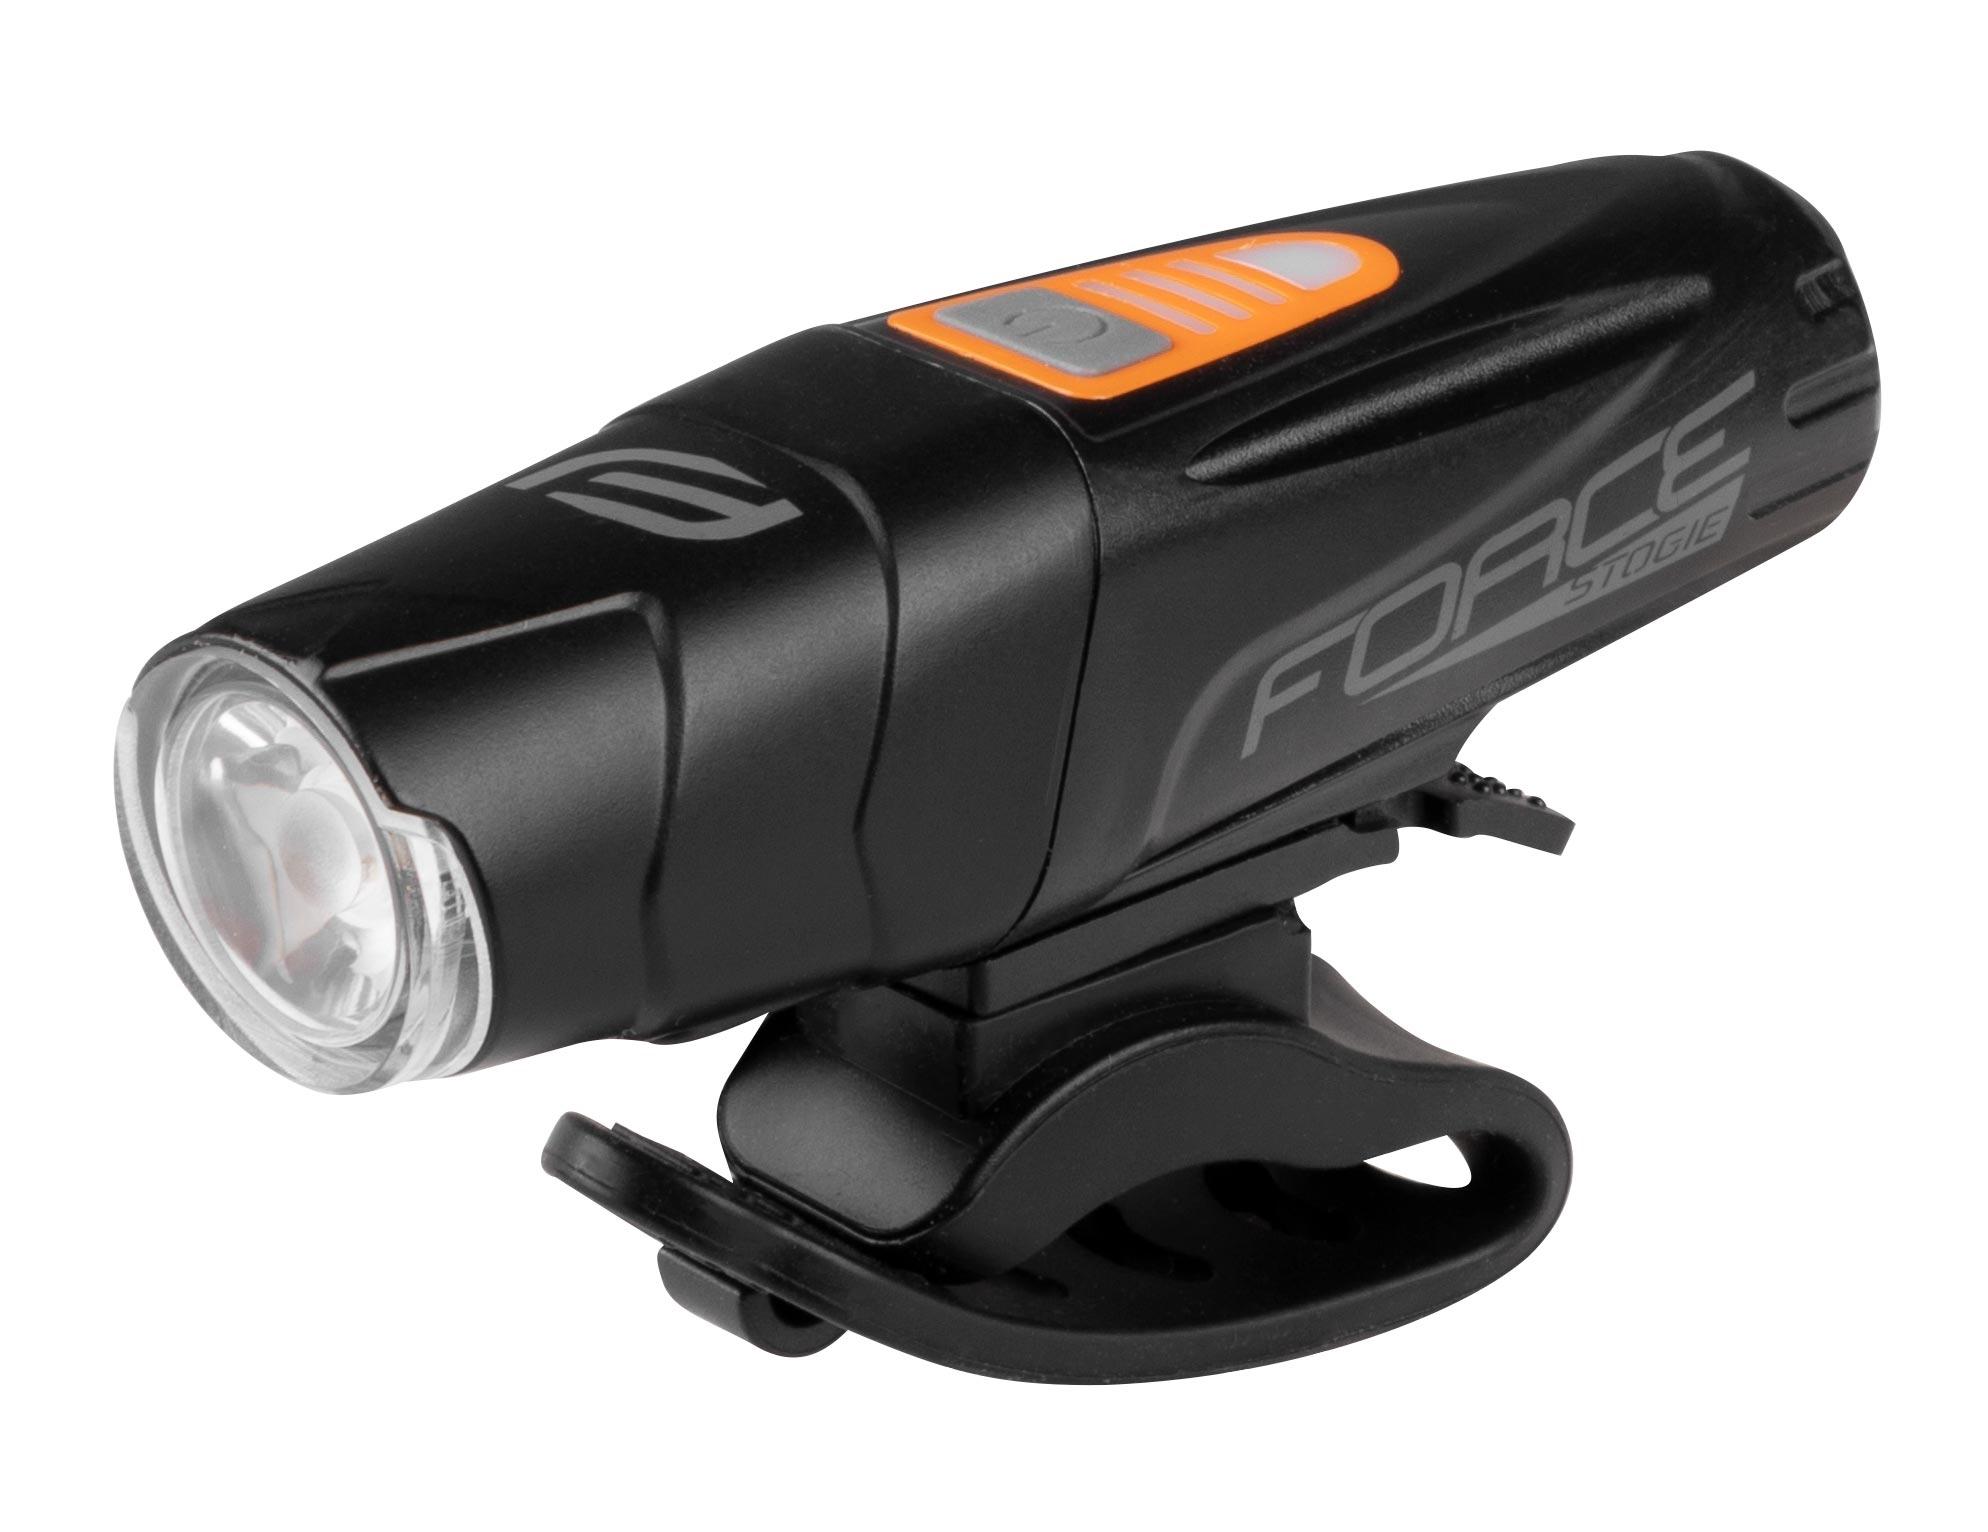 světlo přední FORCE STOGIE 900 LM, USB, černé